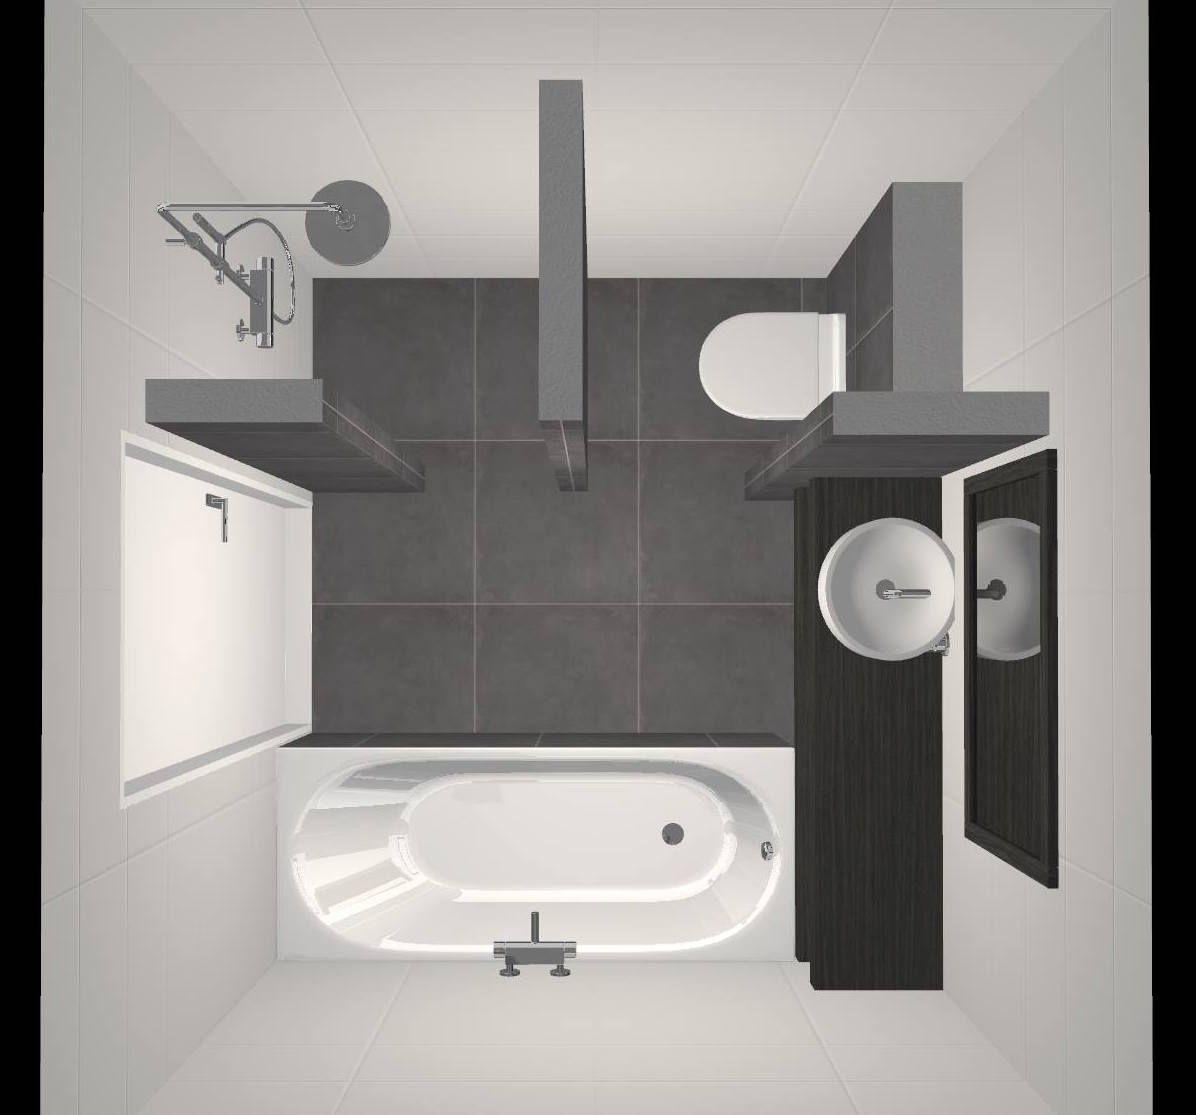 Kleine badkamer met douche bad wastafel en toilet ontwerp beniers badkamers foto 2 - Badkamer modellen met italiaanse douche ...